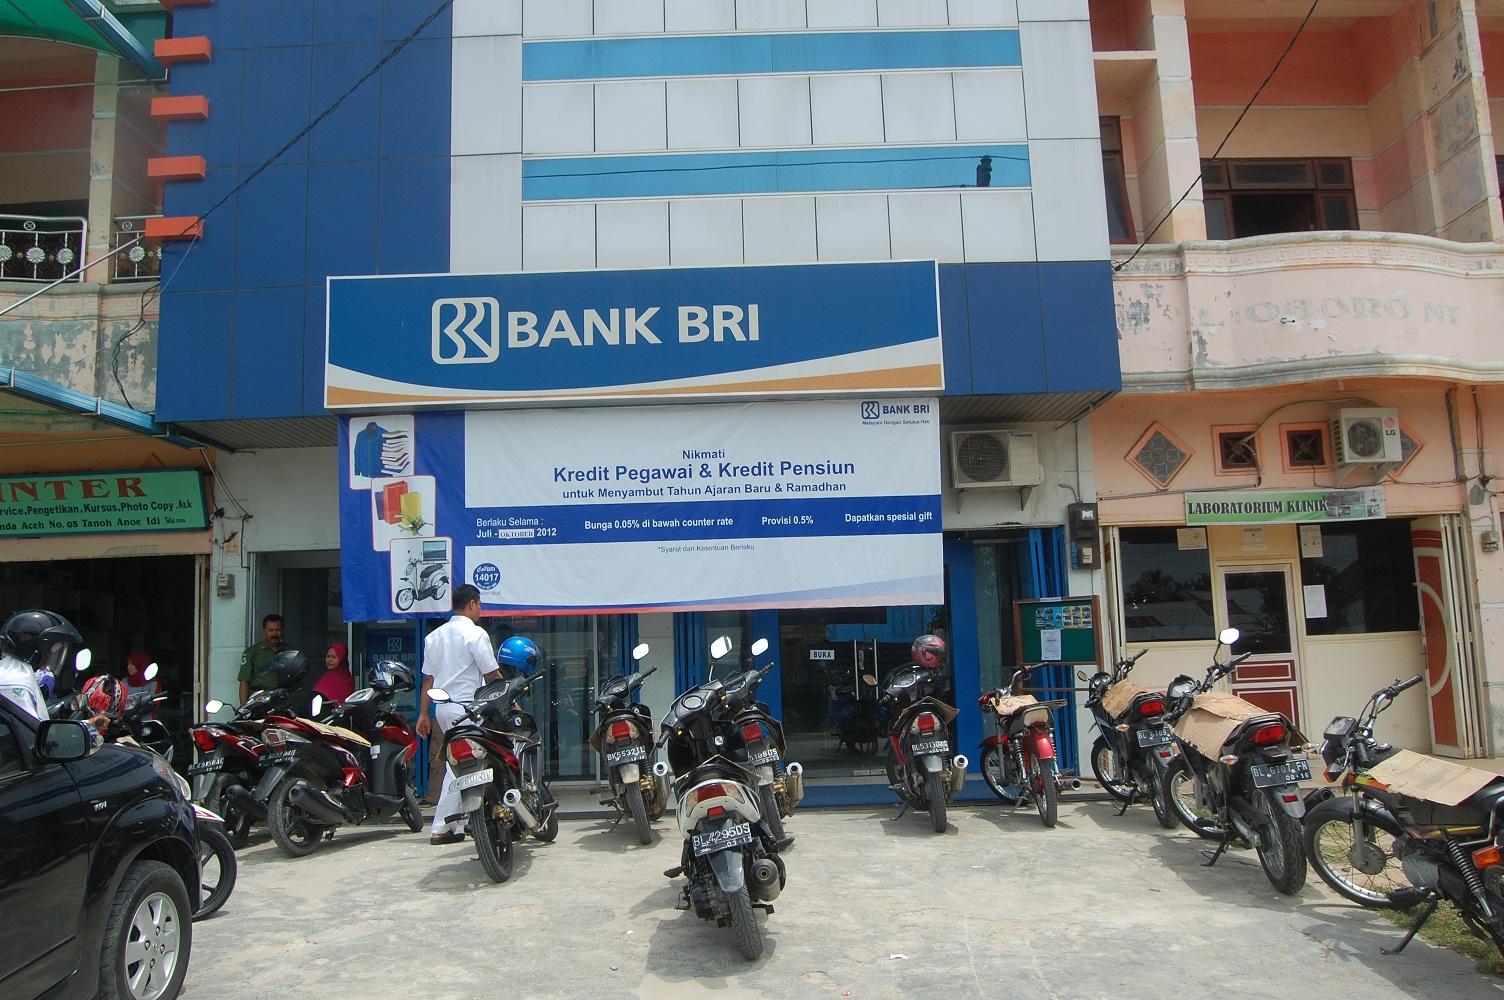 Lowongan Kerja Bank BRI Mei 2013